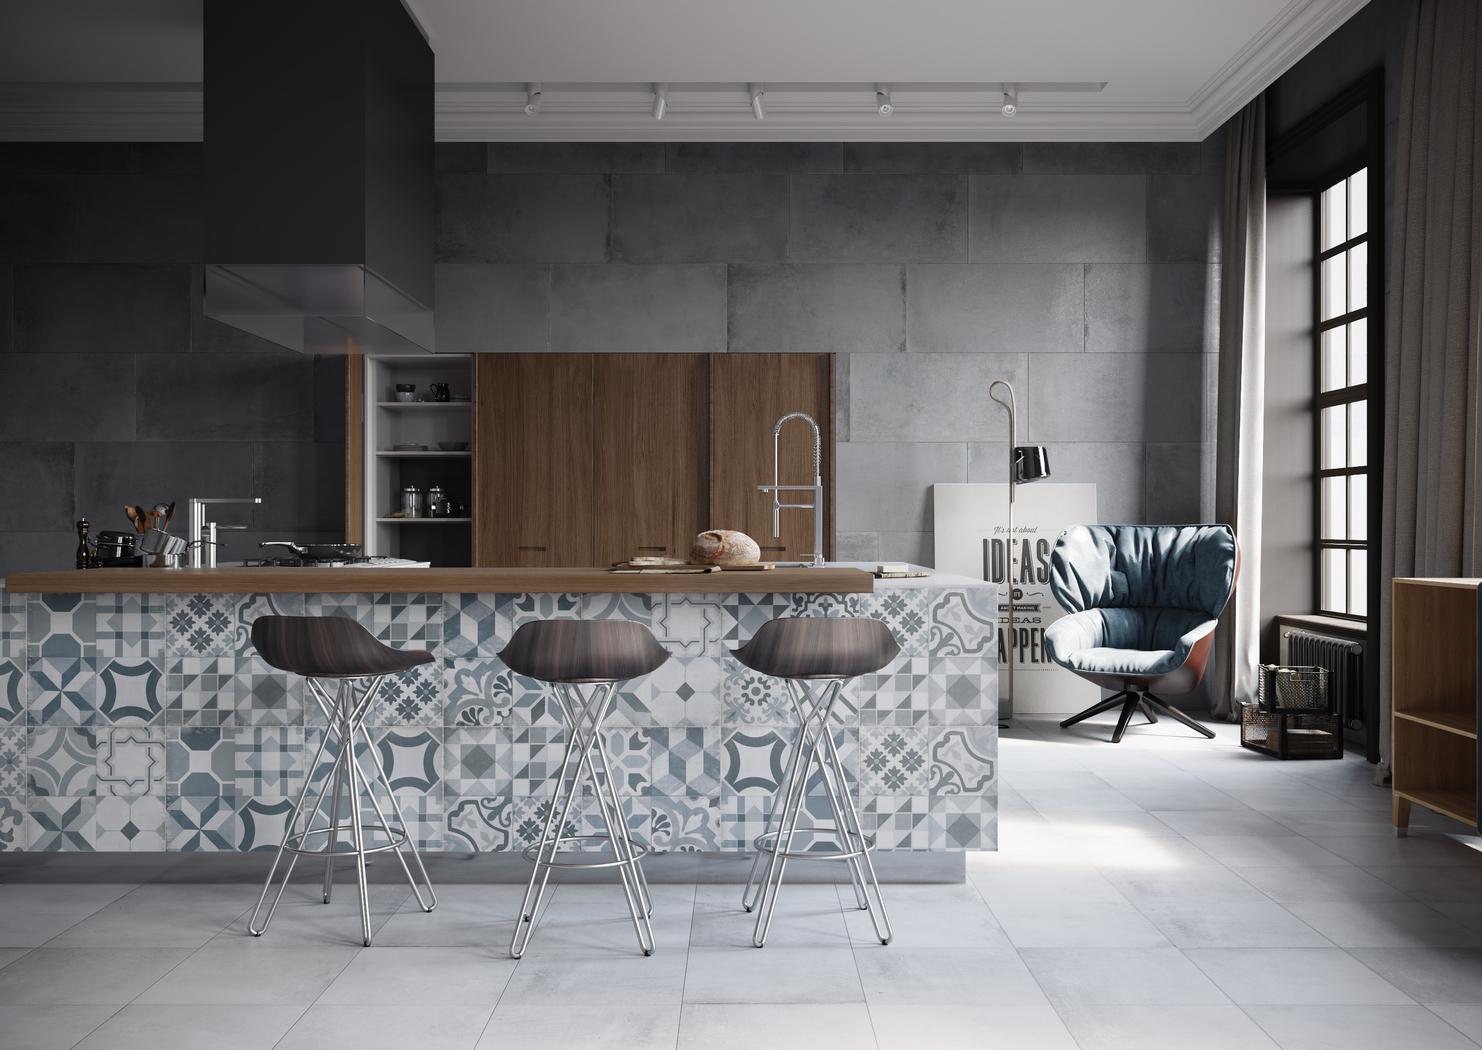 Deco carrelage cuisine ouverte - Atwebster.fr - Maison et mobilier